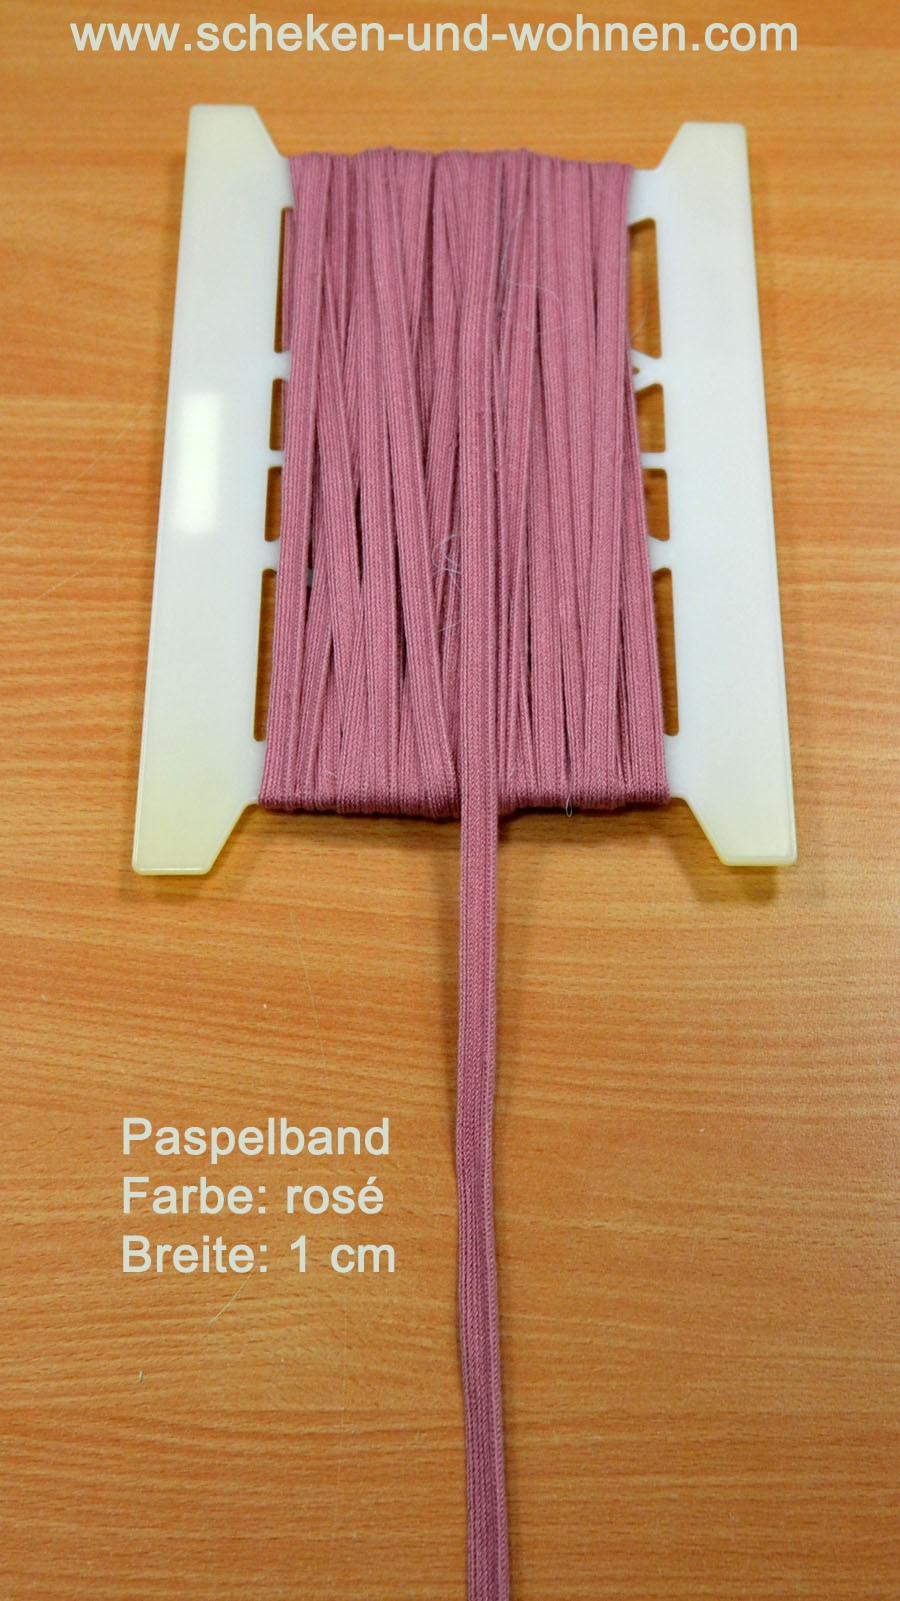 Paspel Keder Borte 1 cm breit rosé Meterware